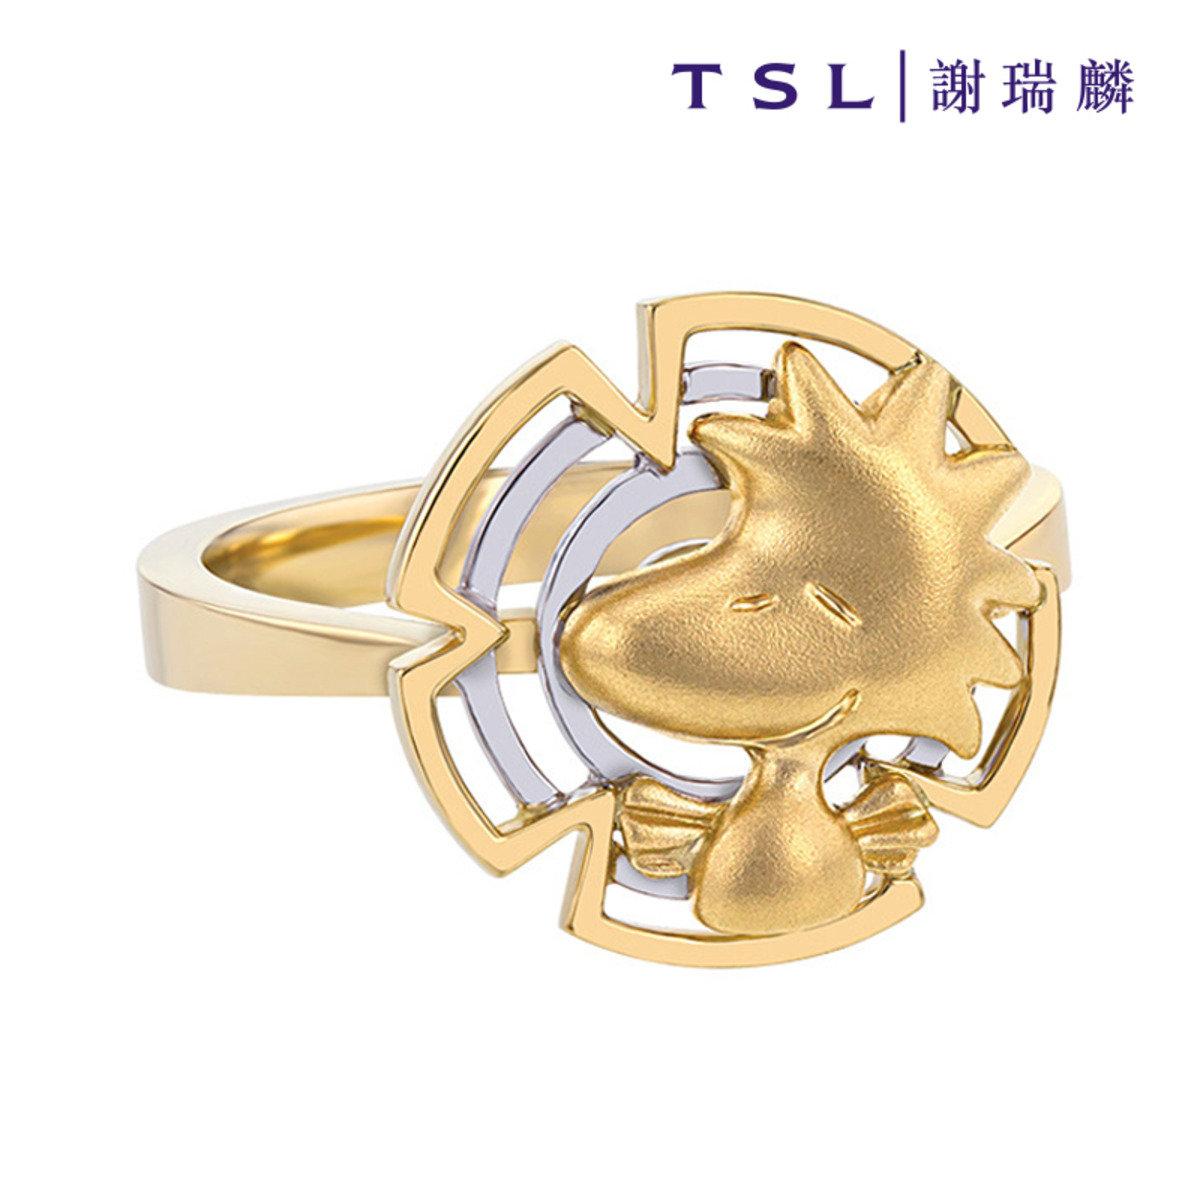 史努比750/18K黃白色黃金戒指